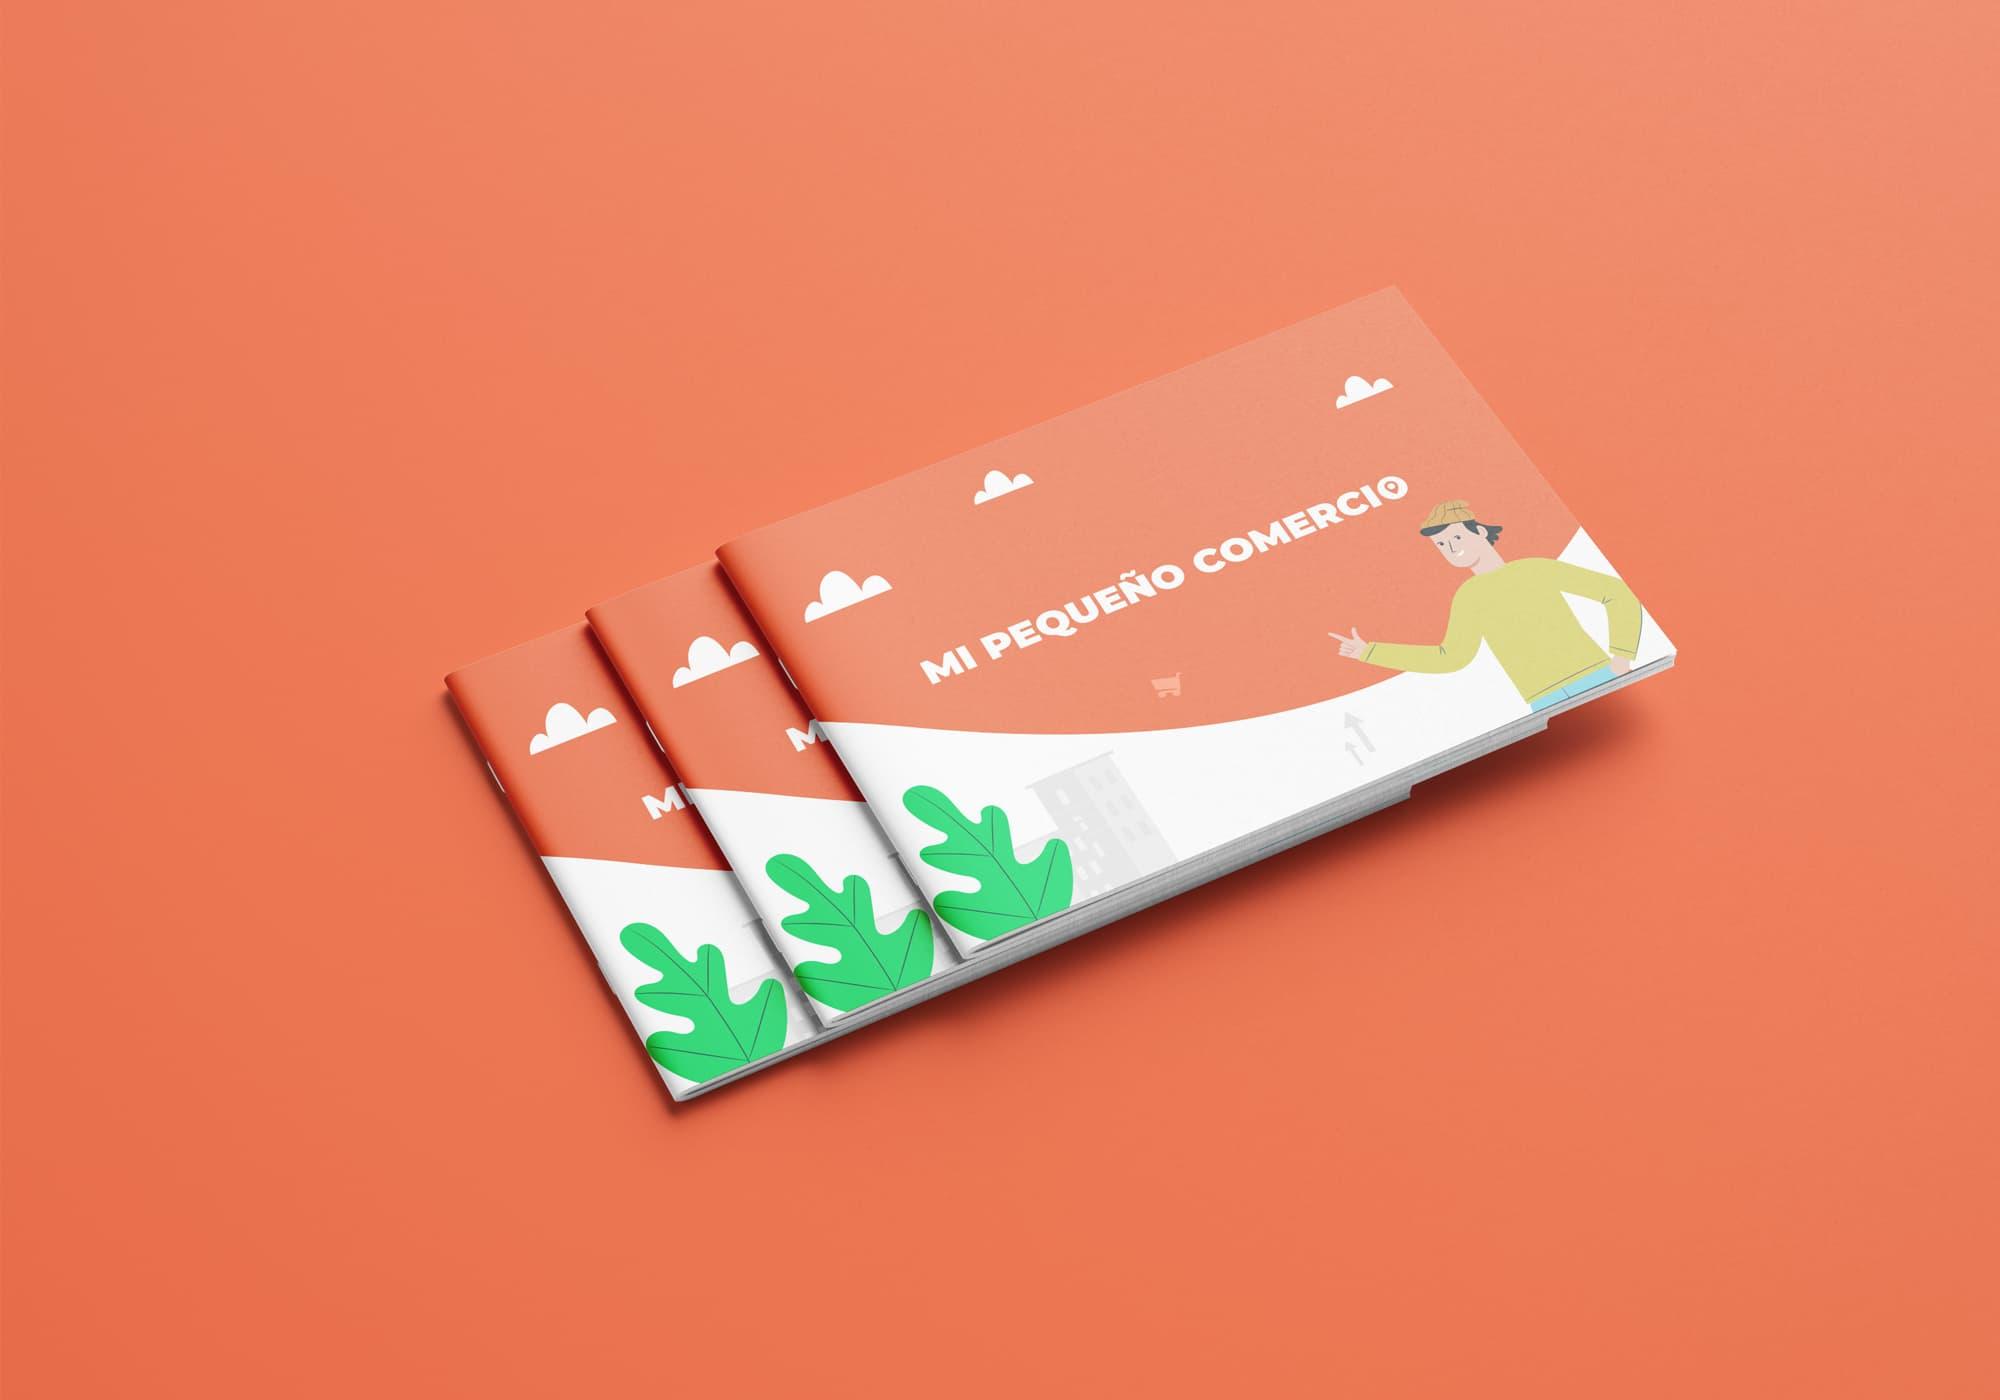 Mi Pequeño Comercio - Diseño Editorial - Presentación